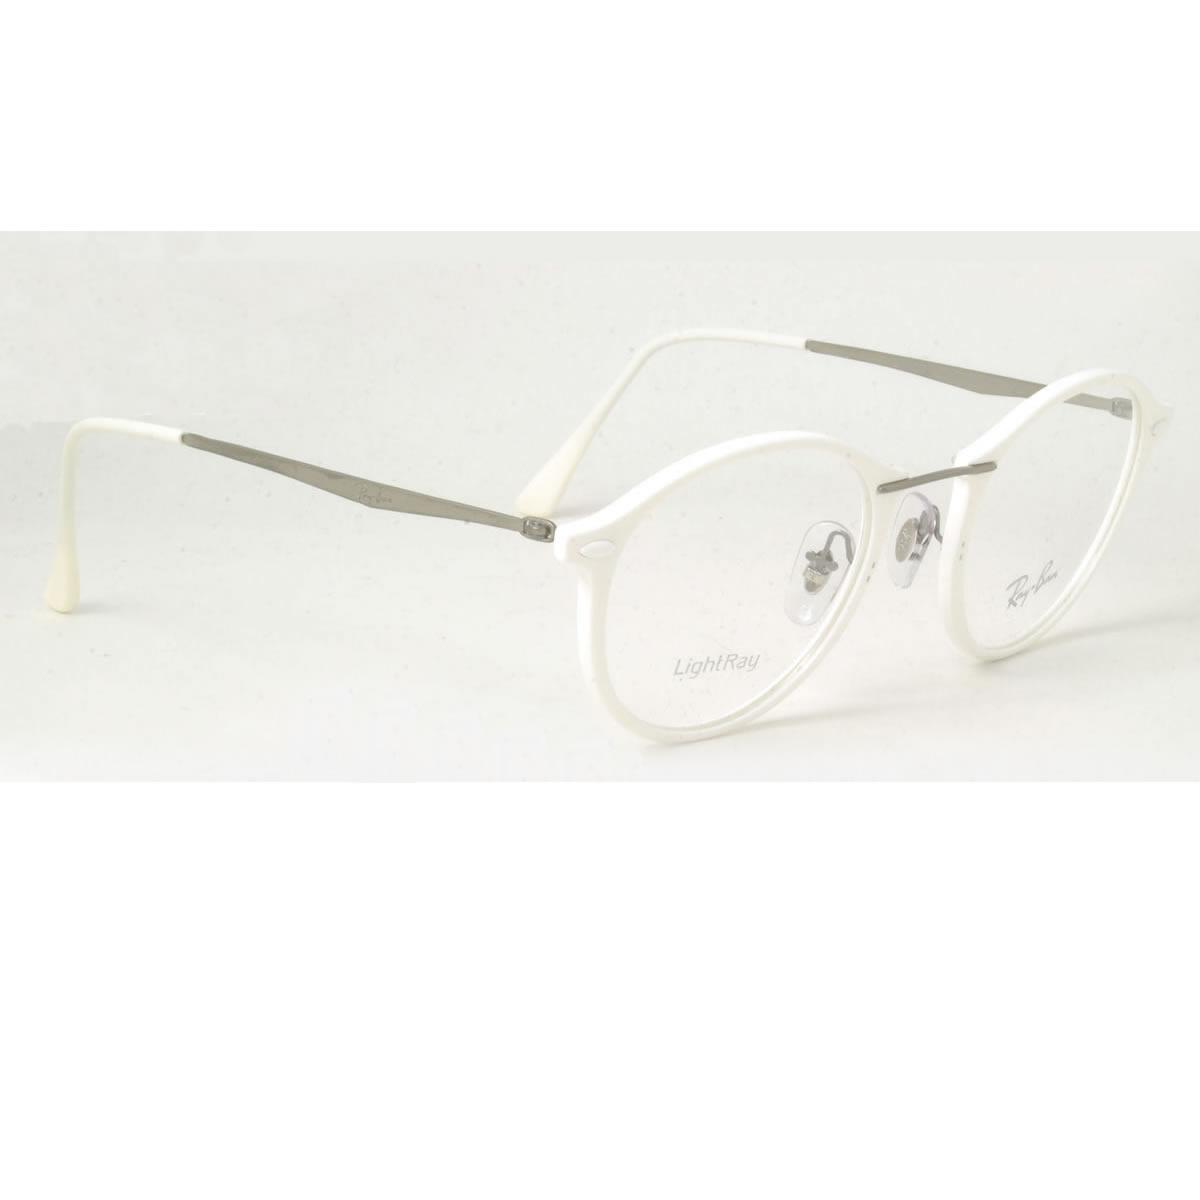 7a416a740e (Ray-Ban) tech light Ray glasses frames RX7073 5618 49 size round round  glasses ROUND Ray-Ban RAYBAN TECH ROUND LIGHT RAY men s women s